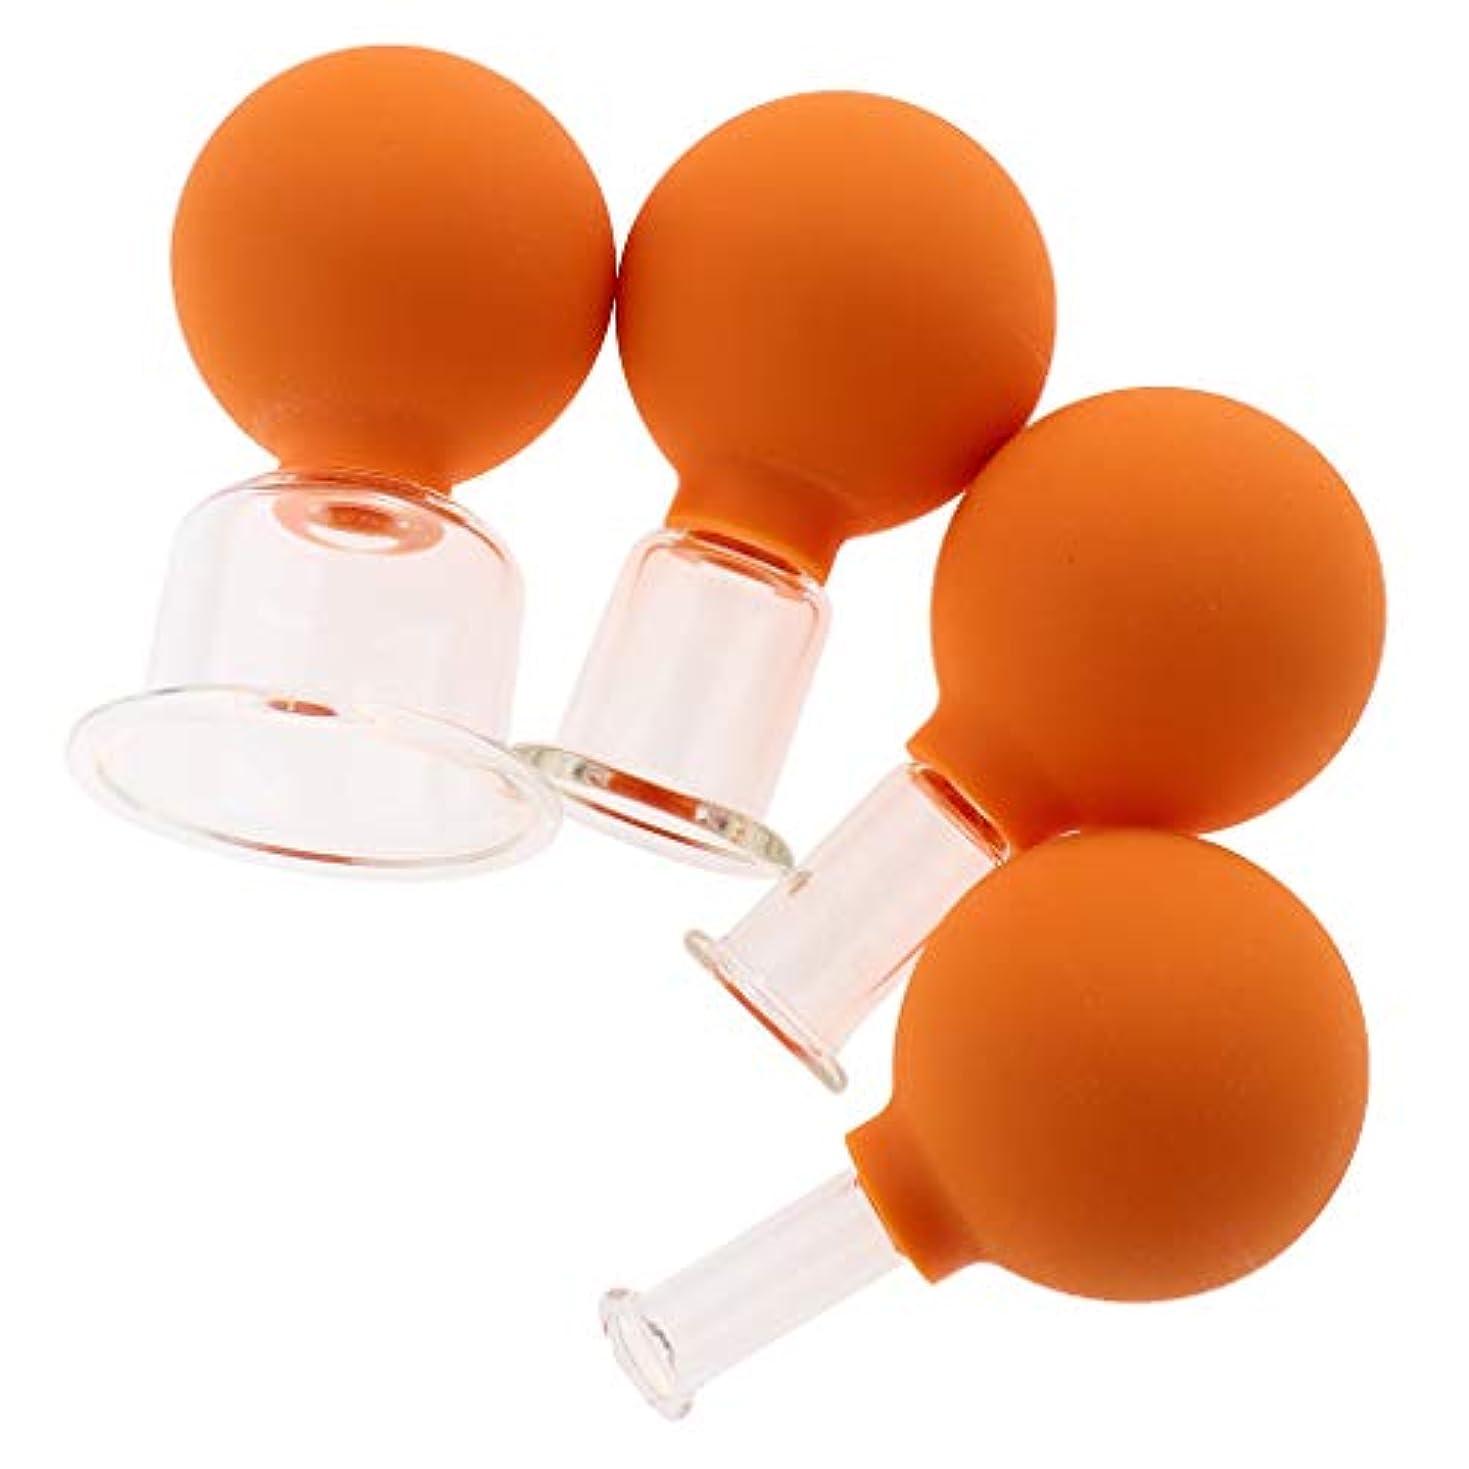 バルーン優先ドルCUTICATE 全3色 マッサージカップ ガラスカッピング 吸い玉 マッサージ カッピングセット 4個入 - オレンジ